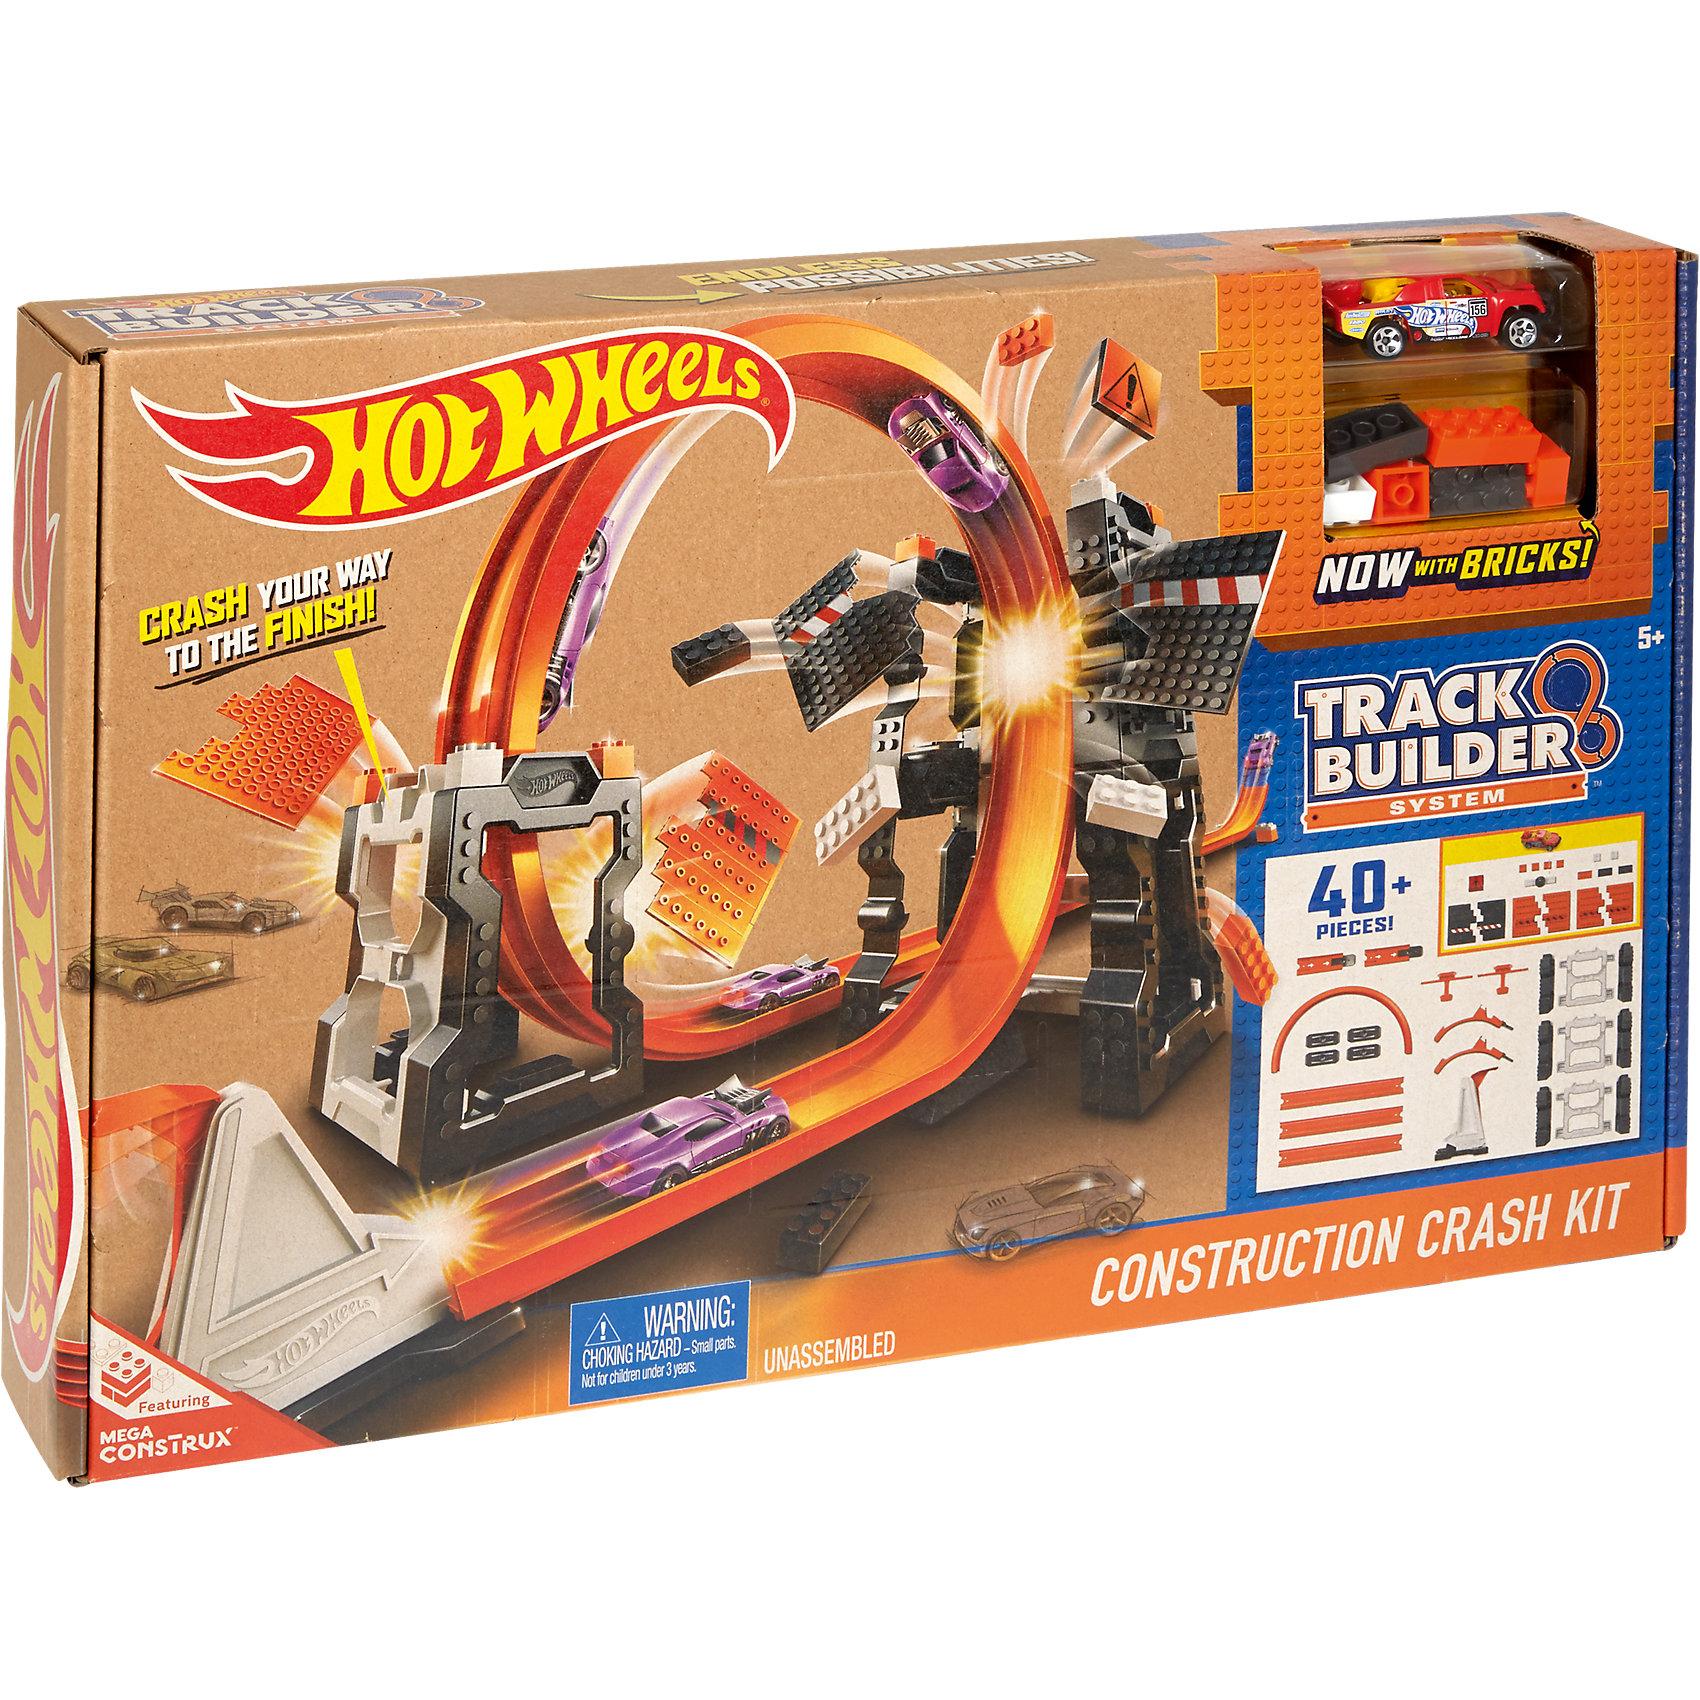 Конструктор трасс: взрывной набор , Hot WheelsИгровые наборы<br>Конструктор трасс: взрывной набор , Hot Wheels (Хот Вилс)<br><br>Характеристики: <br><br>• увлекательный набор с взрывными конструкциями <br>• более 40 деталей В комплекте <br>• подходит к другим частям трассы Хот Вилс <br>• машинка в комплекте <br>• материал: пластик, металл <br><br>Взрывной набор впечатлит каждого поклонника Hot Wheels. В набор входят более 40 деталей, из которых можно построить крутую трассу с навесными конструкциями. Проскакивайте под двумя панелями и врезайтесь в ограничитель - игра действительно в стиле настоящих гонщиков! Вы можете использовать машинку, входящую в комплект, или свою, подходящую по ширине.<br><br>Конструктор трасс: взрывной набор , Hot Wheels (Хот Вилс) можно купить в нашем интернет-магазине.<br><br>Ширина мм: 461<br>Глубина мм: 309<br>Высота мм: 78<br>Вес г: 1199<br>Возраст от месяцев: 48<br>Возраст до месяцев: 96<br>Пол: Мужской<br>Возраст: Детский<br>SKU: 5188166